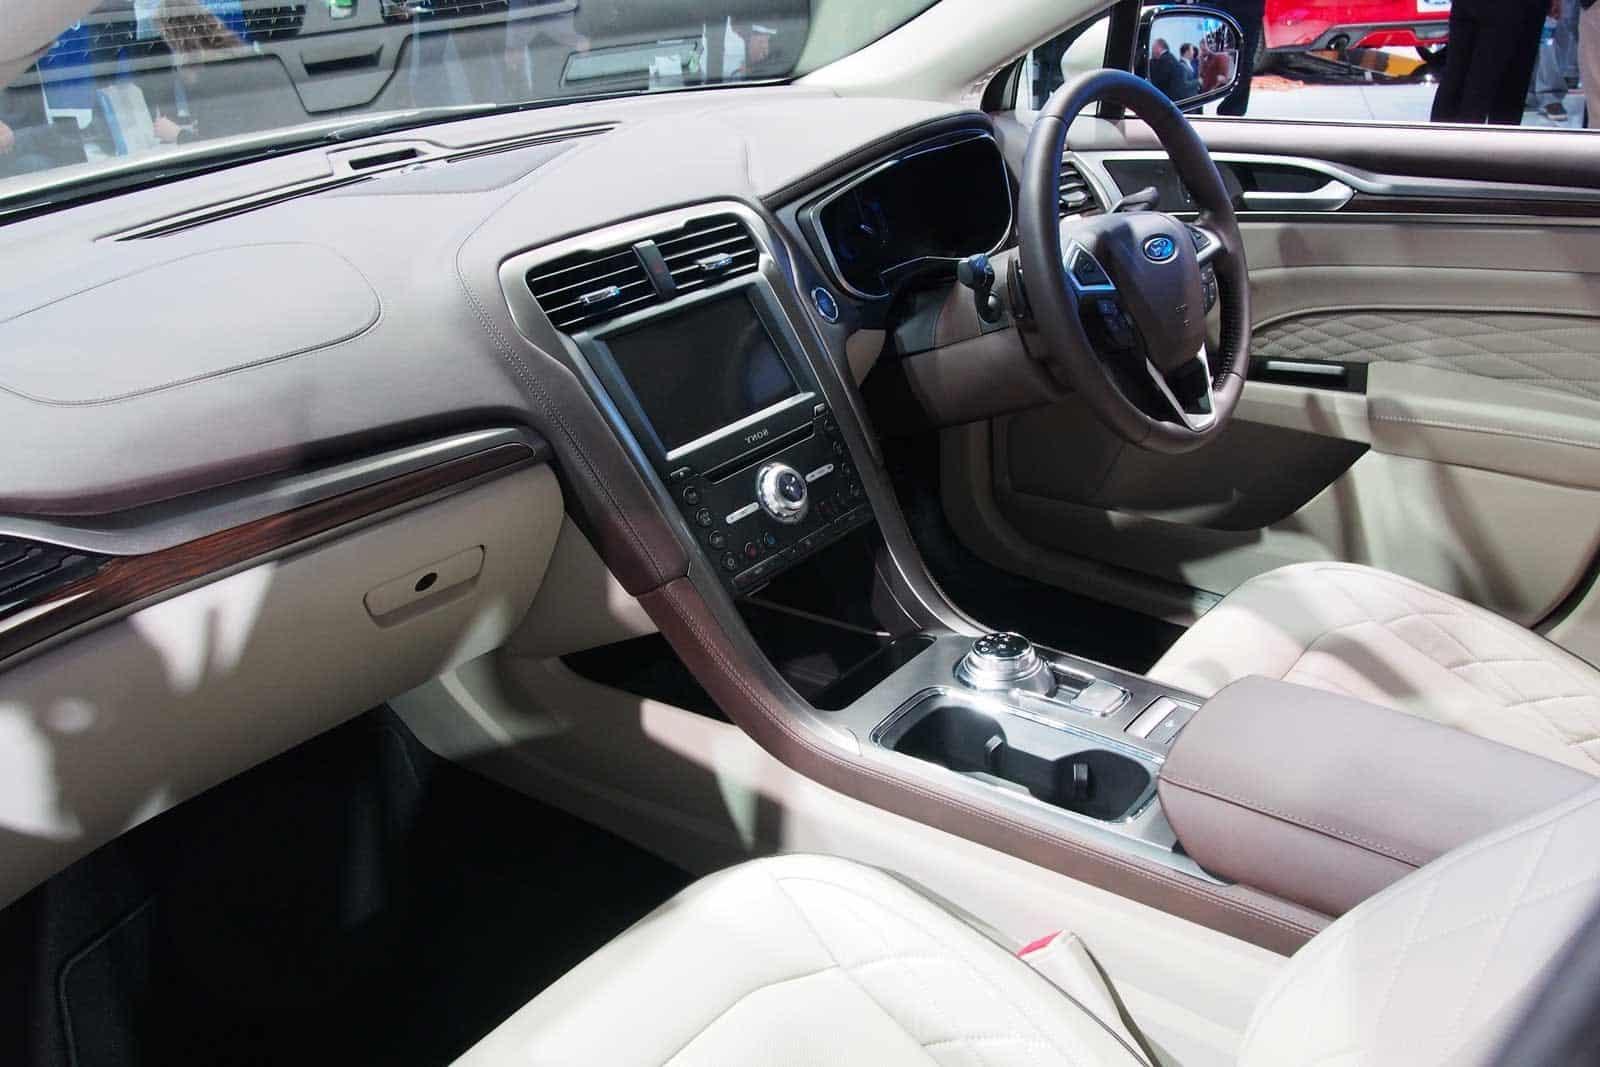 Ford Fusion 2017 interior